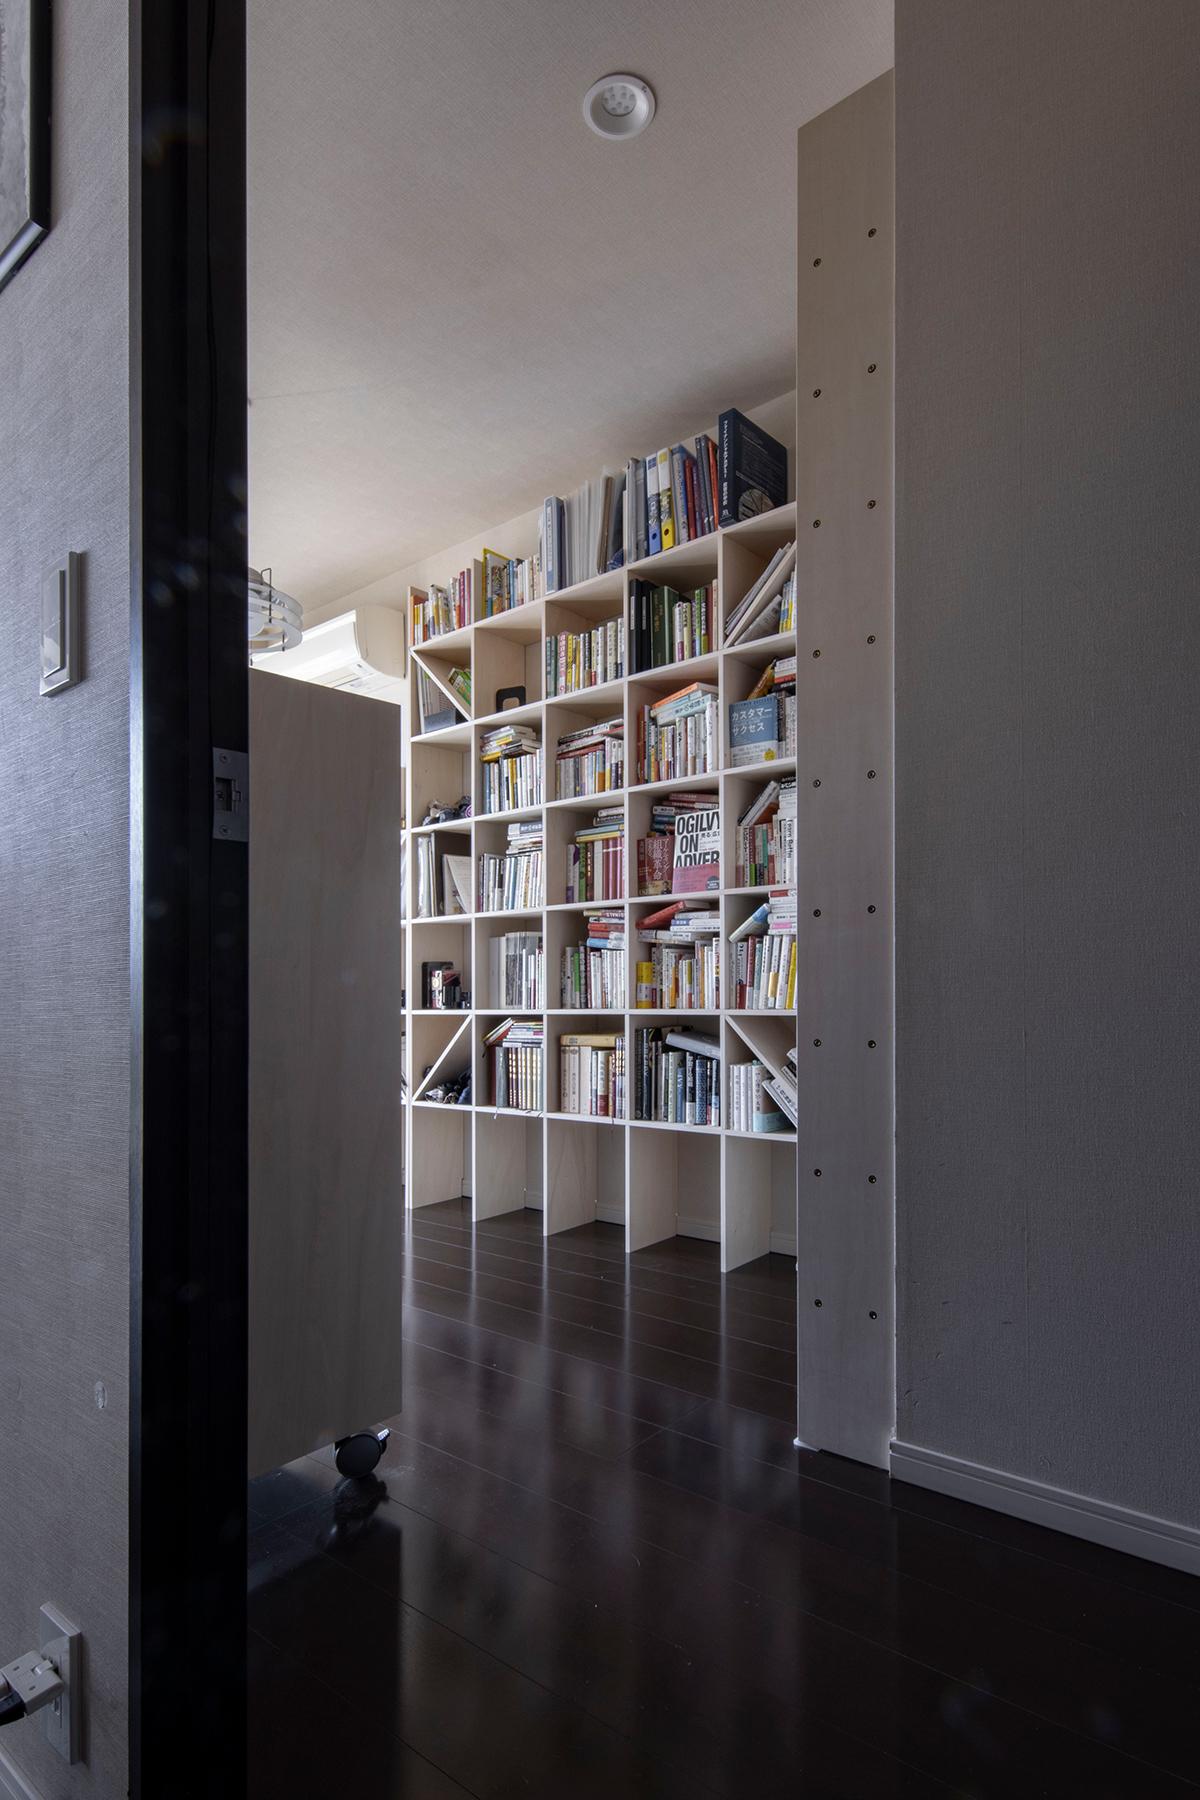 ゲートブリッジを見下ろす部屋に | 壁一面の本棚 奥行250mm / Shelf (No.69)